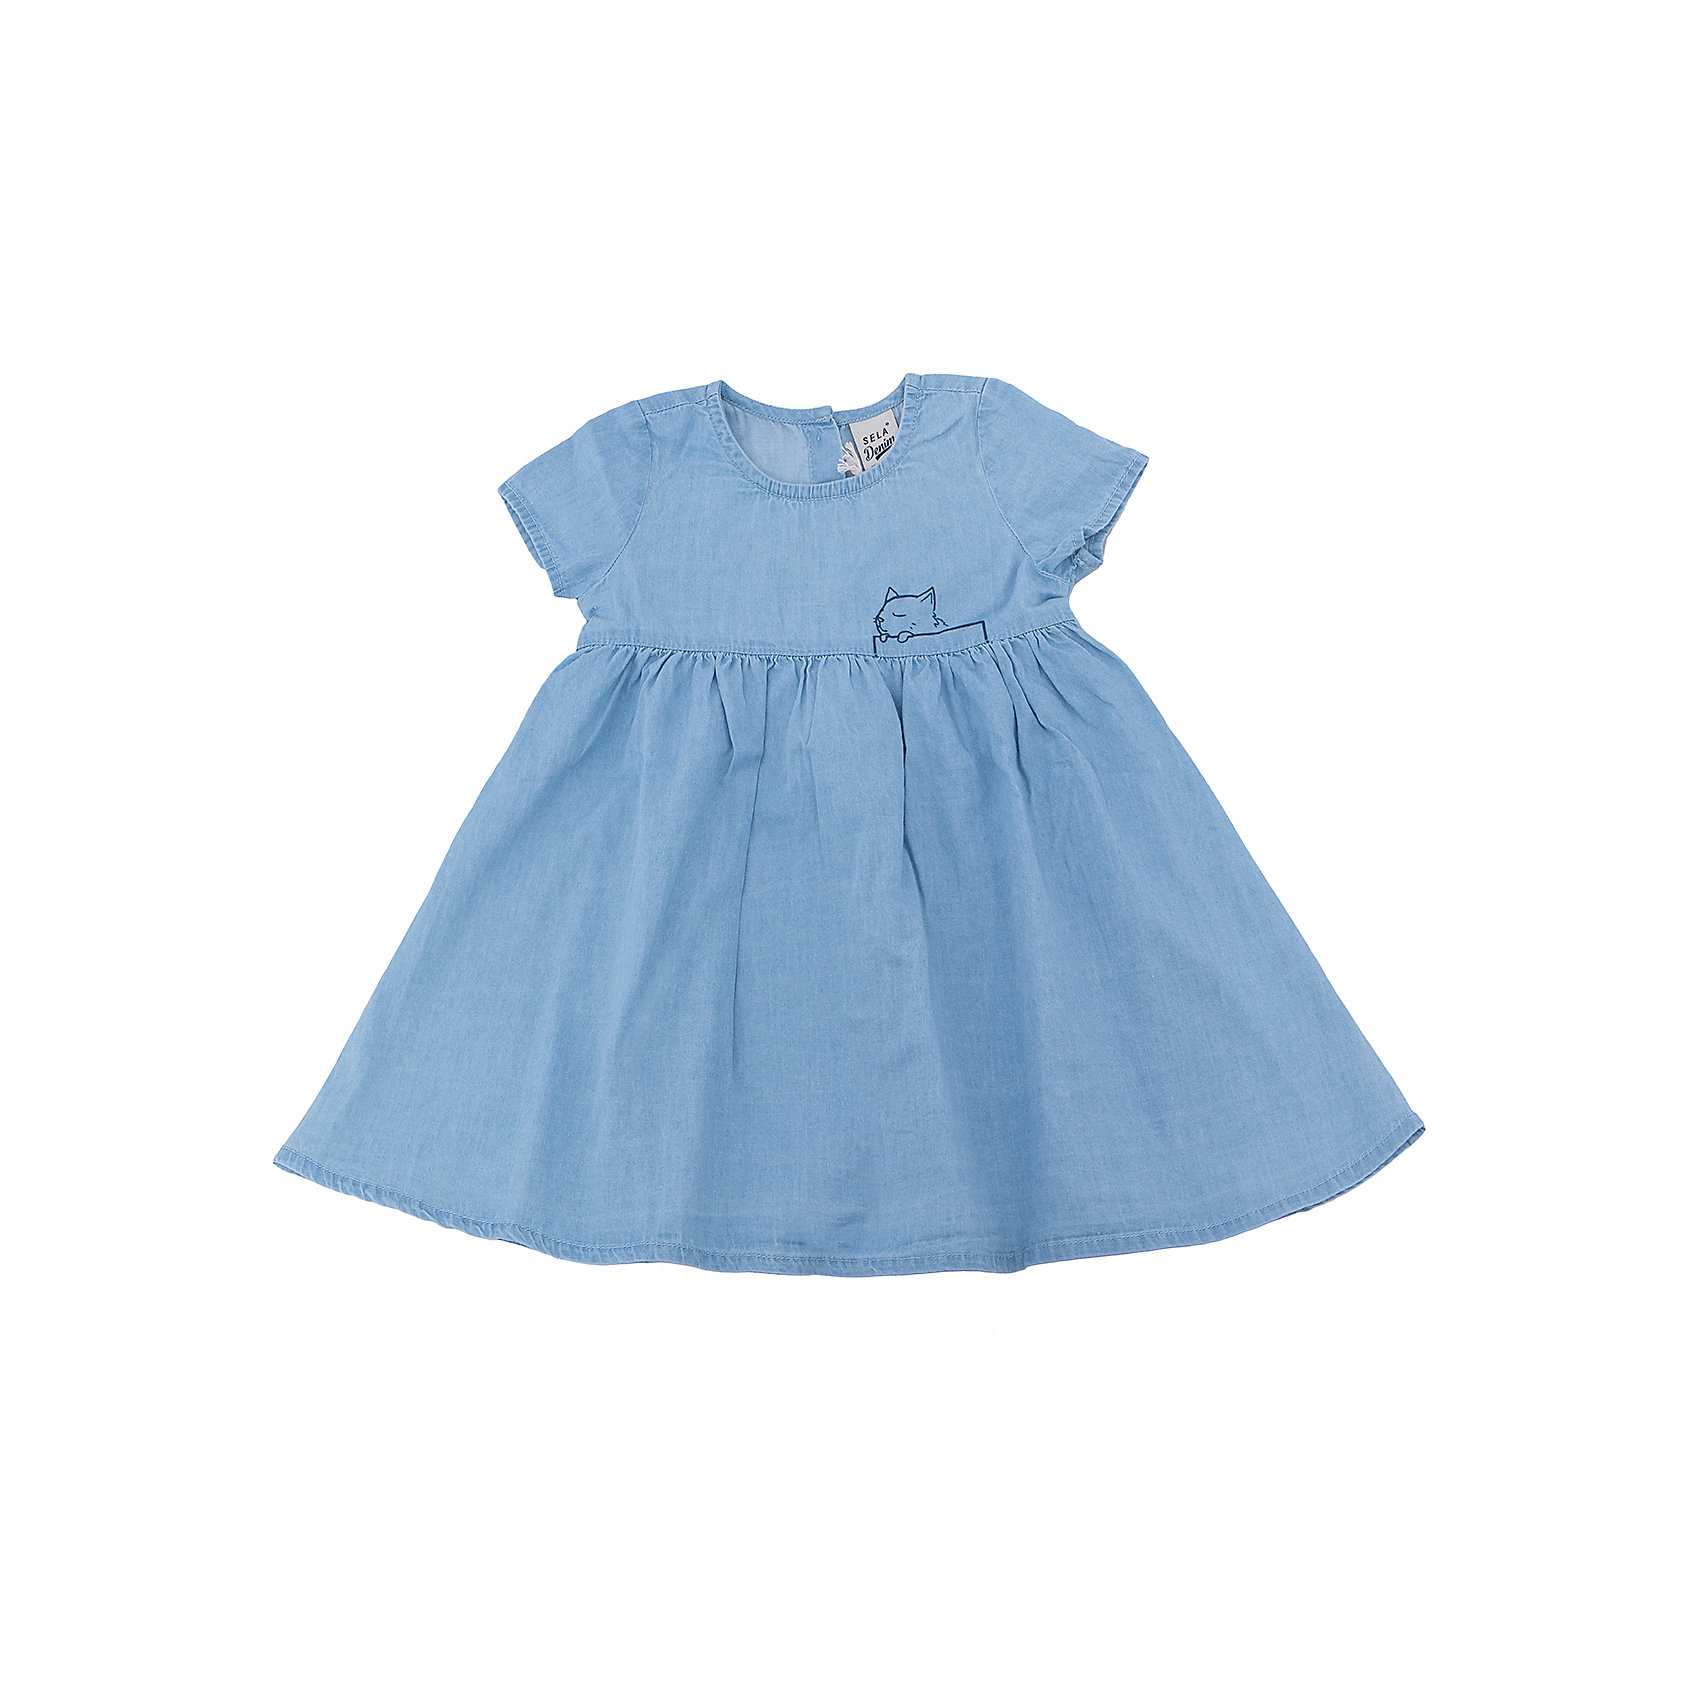 Платье для девочки SELAПлатья и сарафаны<br>Характеристики товара:<br><br>• цвет: голубой<br>• сезон: лето<br>• состав: 100% хлопок<br>• длина выше колена<br>• корткие рукава<br>• страна бренда: Россия<br><br>В новой коллекции SELA отличные модели одежды! Это платье для девочки поможет разнообразить гардероб ребенка и обеспечить комфорт. Оно отлично сочетается с различной обувью.<br><br>Одежда, обувь и аксессуары от российского бренда SELA не зря пользуются большой популярностью у детей и взрослых! Модели этой марки - стильные и удобные, цена при этом неизменно остается доступной. Для их производства используются только безопасные, качественные материалы и фурнитура.<br><br>Платье для девочки от популярного бренда SELA (СЕЛА) можно купить в нашем интернет-магазине.<br><br>Ширина мм: 236<br>Глубина мм: 16<br>Высота мм: 184<br>Вес г: 177<br>Цвет: голубой<br>Возраст от месяцев: 60<br>Возраст до месяцев: 72<br>Пол: Женский<br>Возраст: Детский<br>Размер: 116,92,98,104,110<br>SKU: 5305268